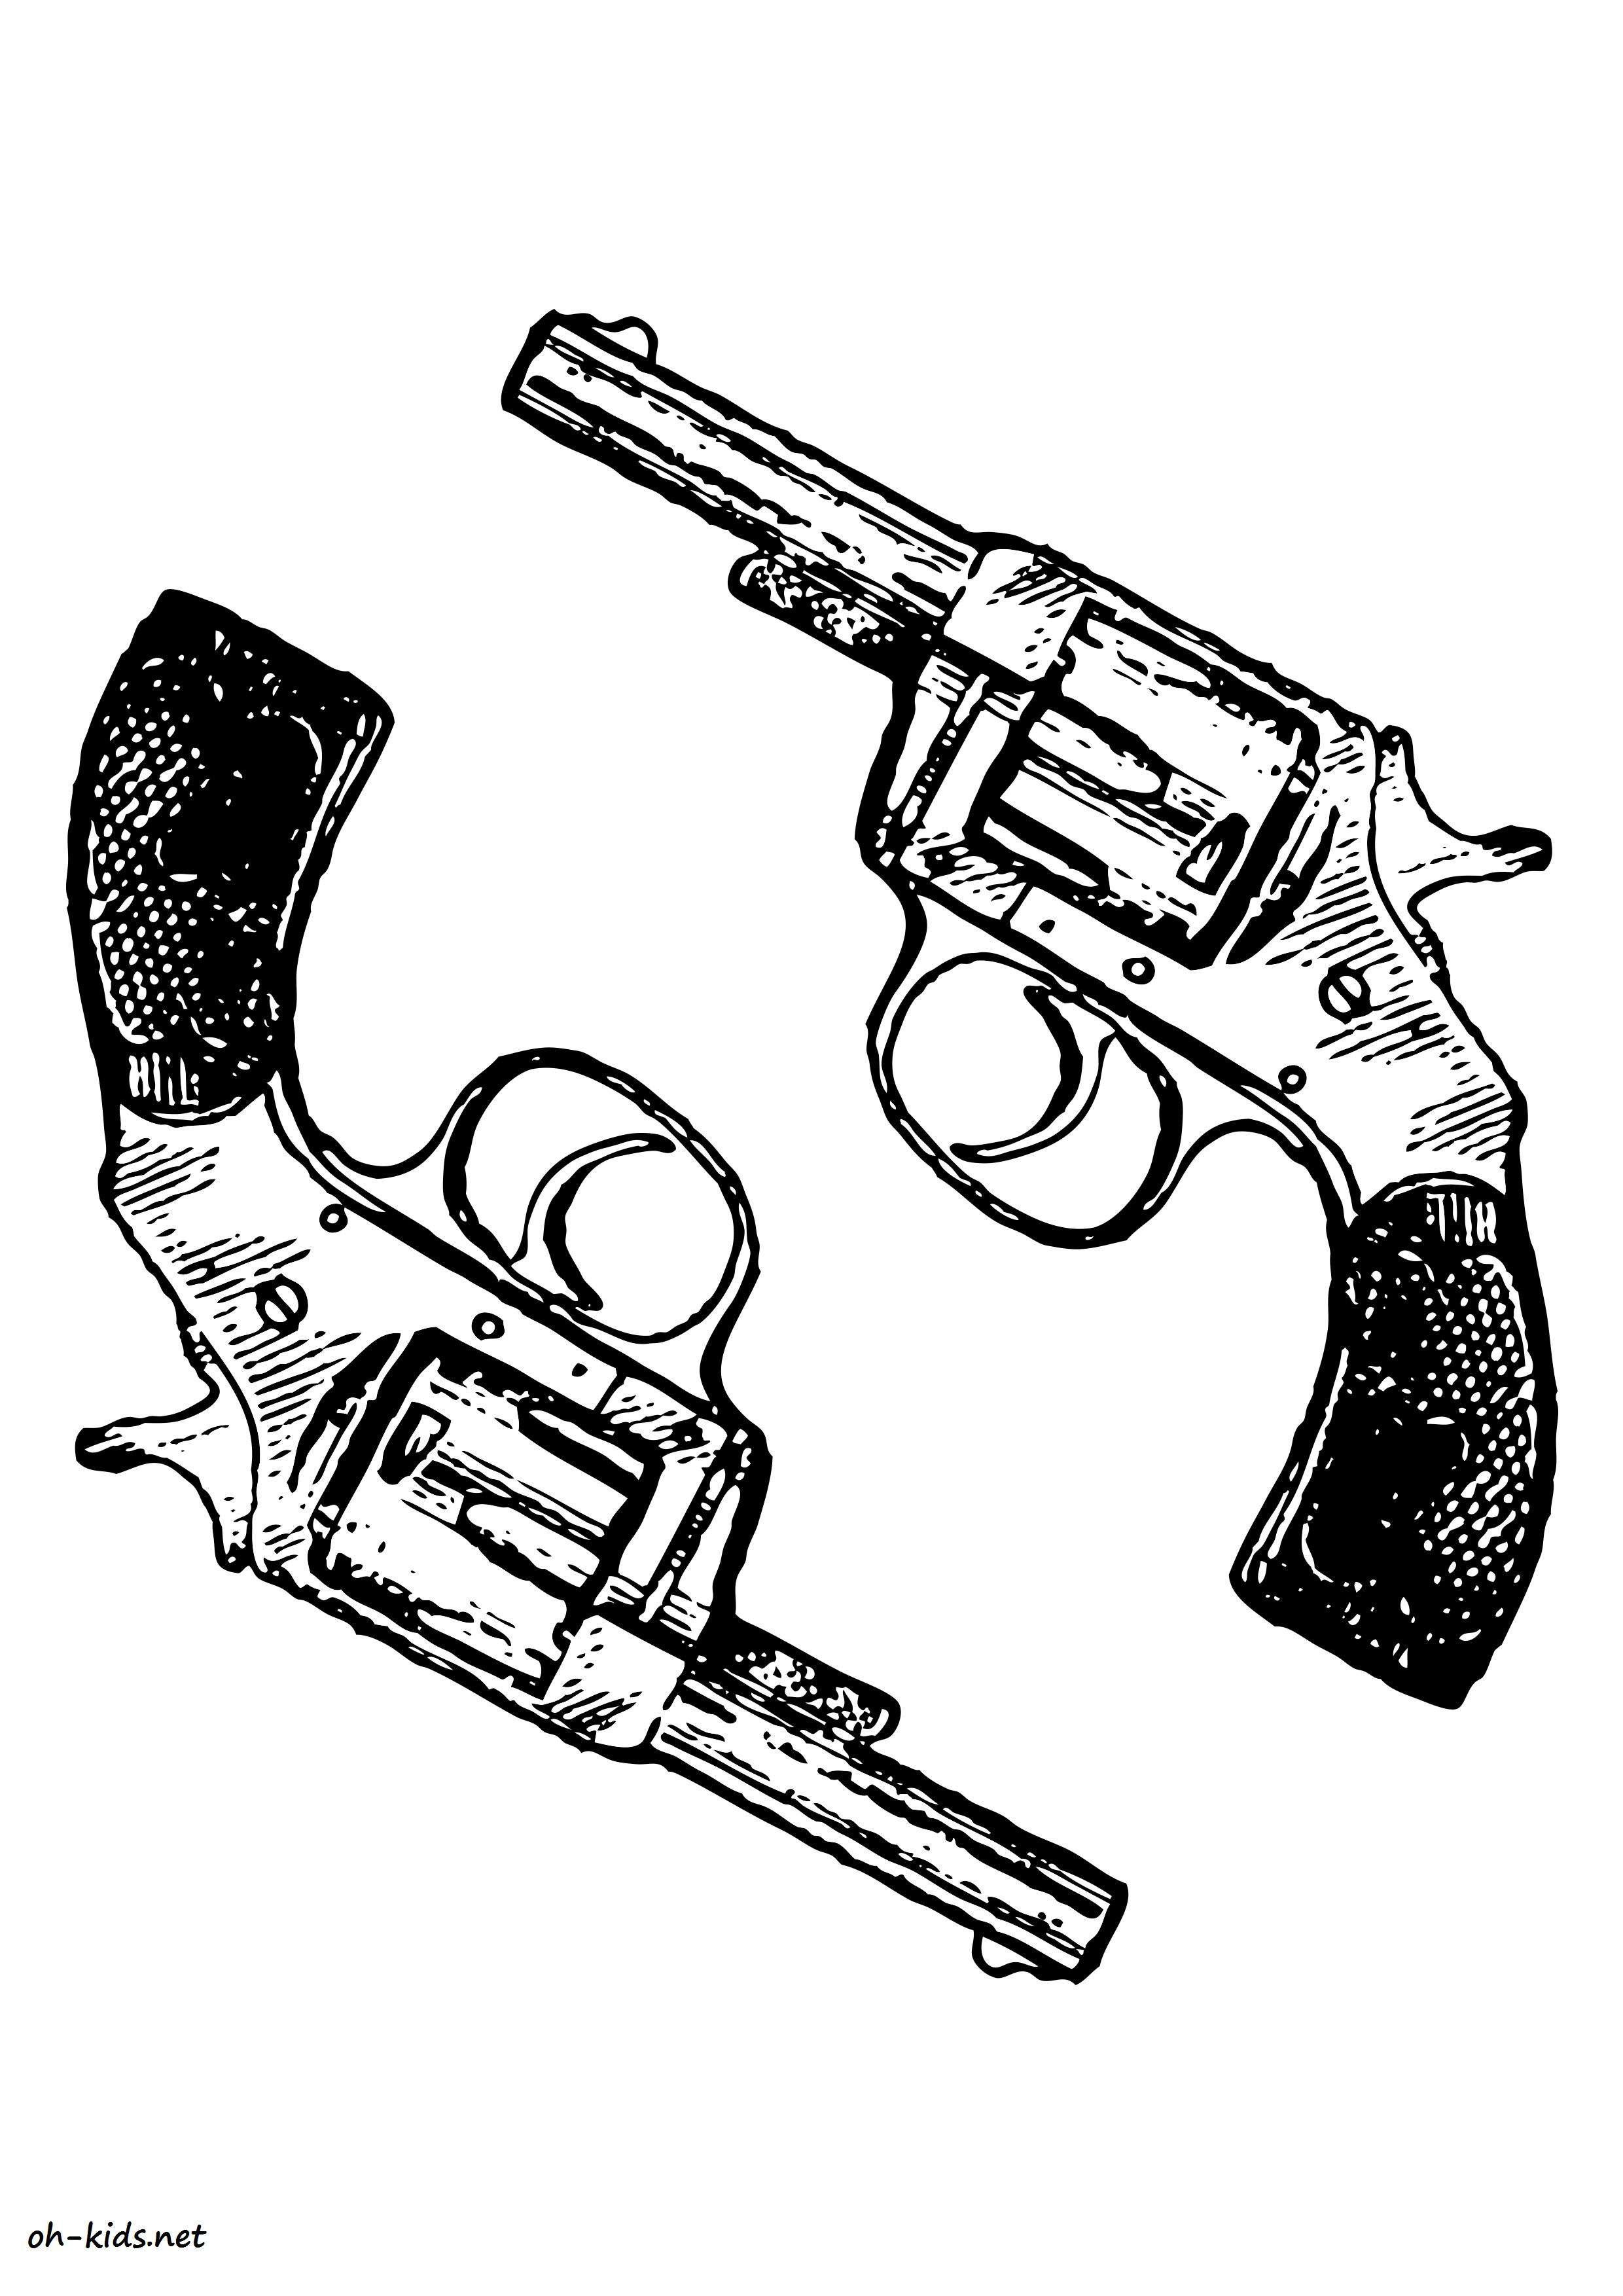 Coloriage pistolet à colorier - Dessin #1170